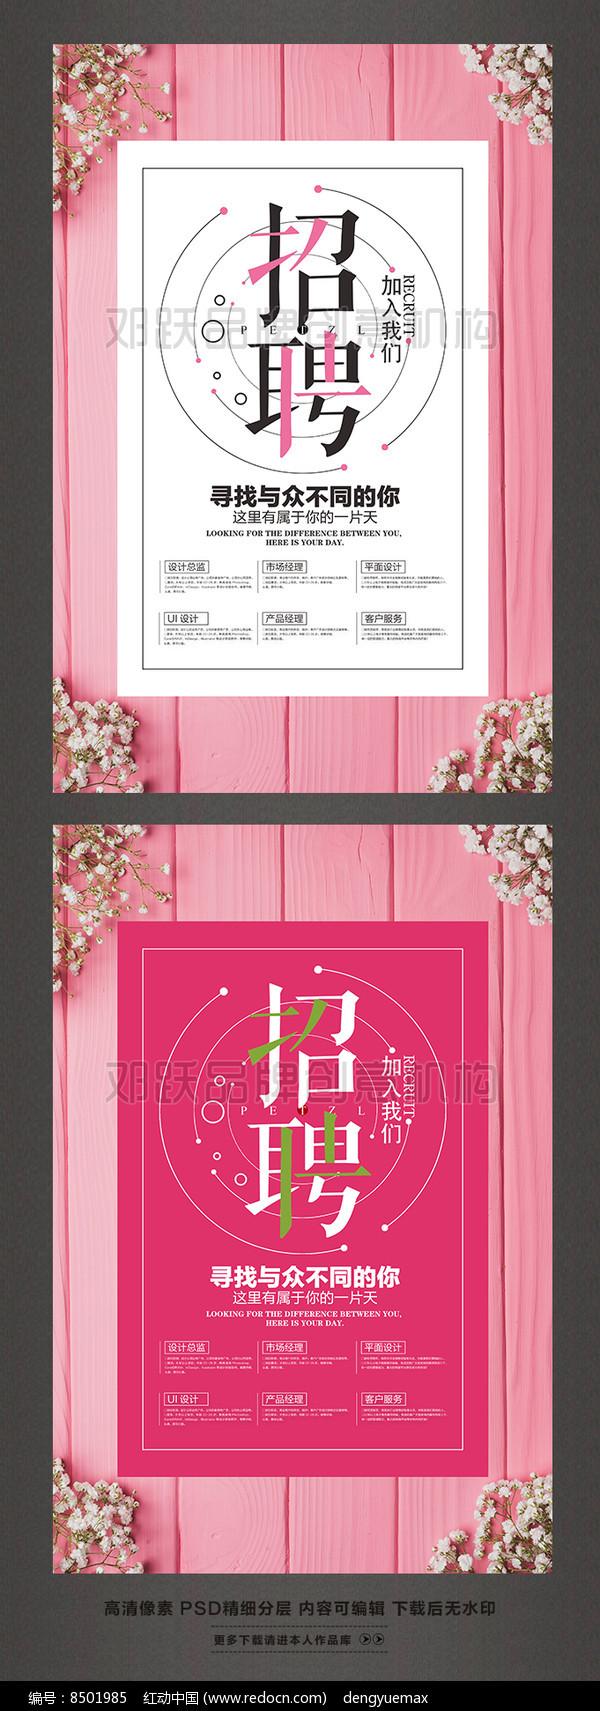 原创设计稿 海报设计/宣传单/广告牌 海报设计 时尚企业服装店美容院图片